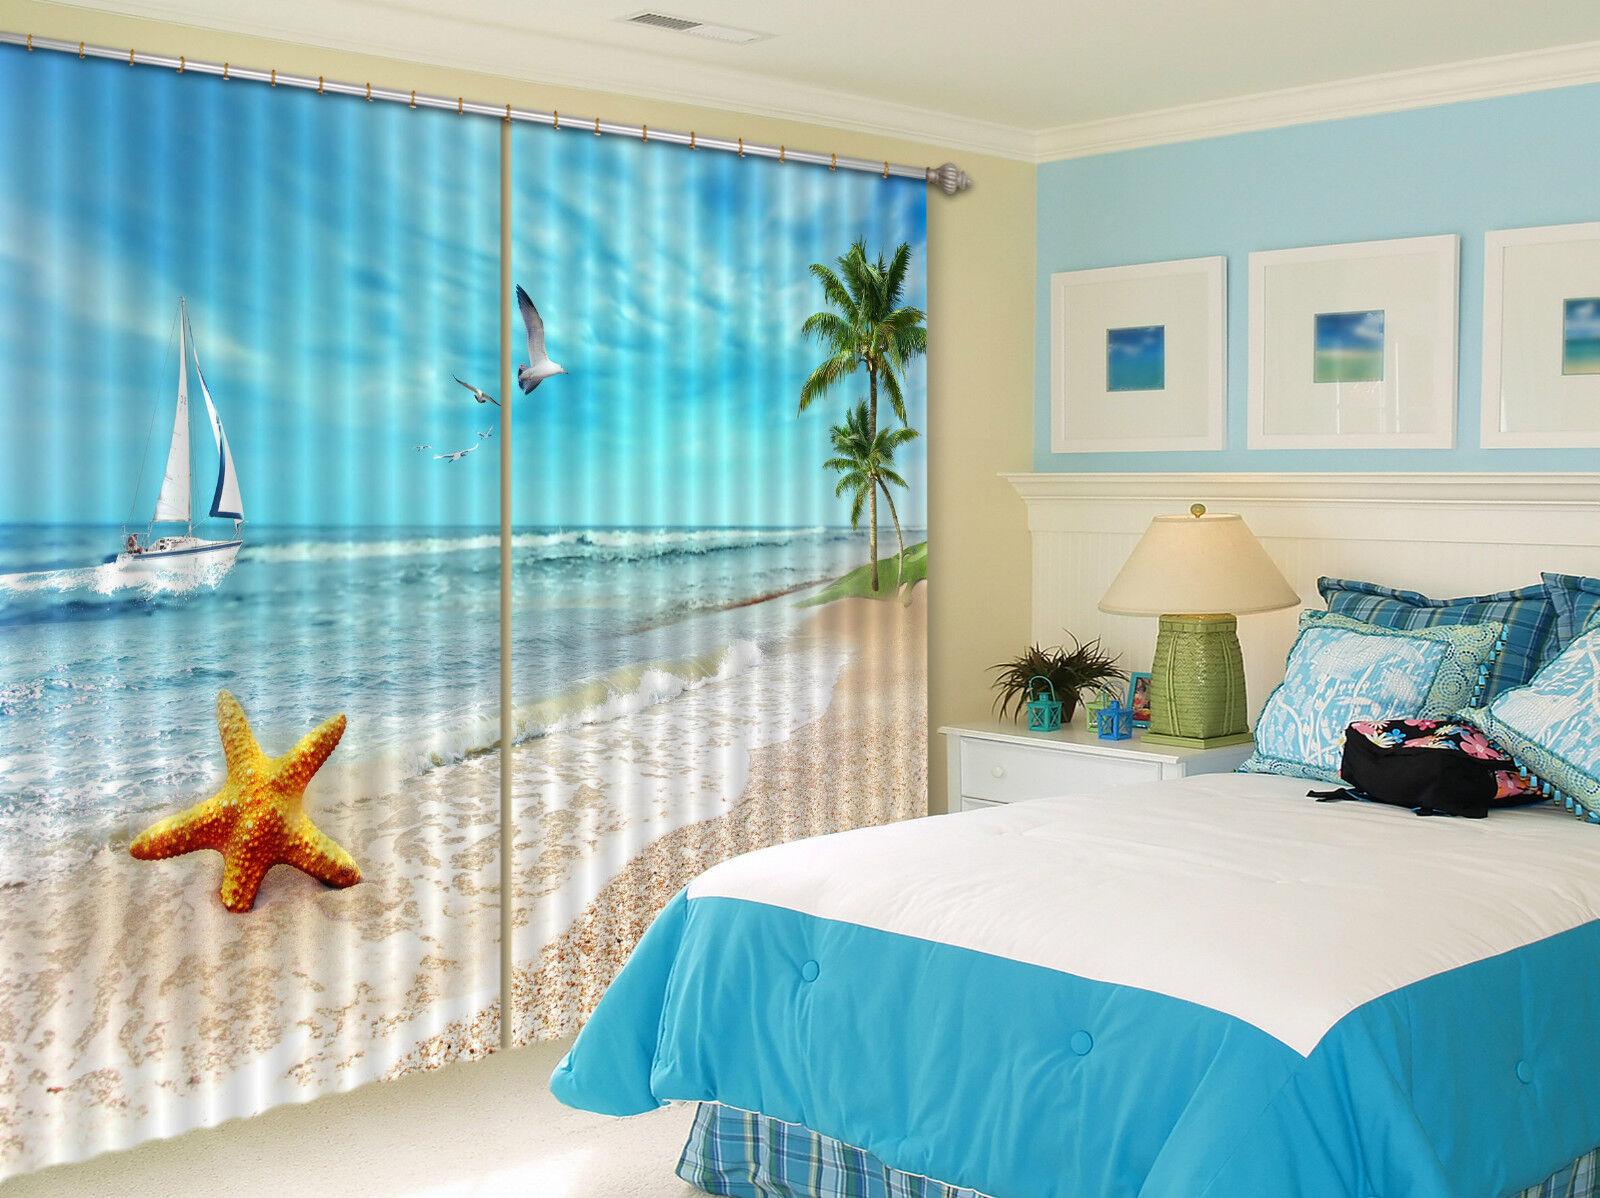 3d spiaggia sabbia 424 blocco foto sipario pressione sipario tende tessuto finestra de